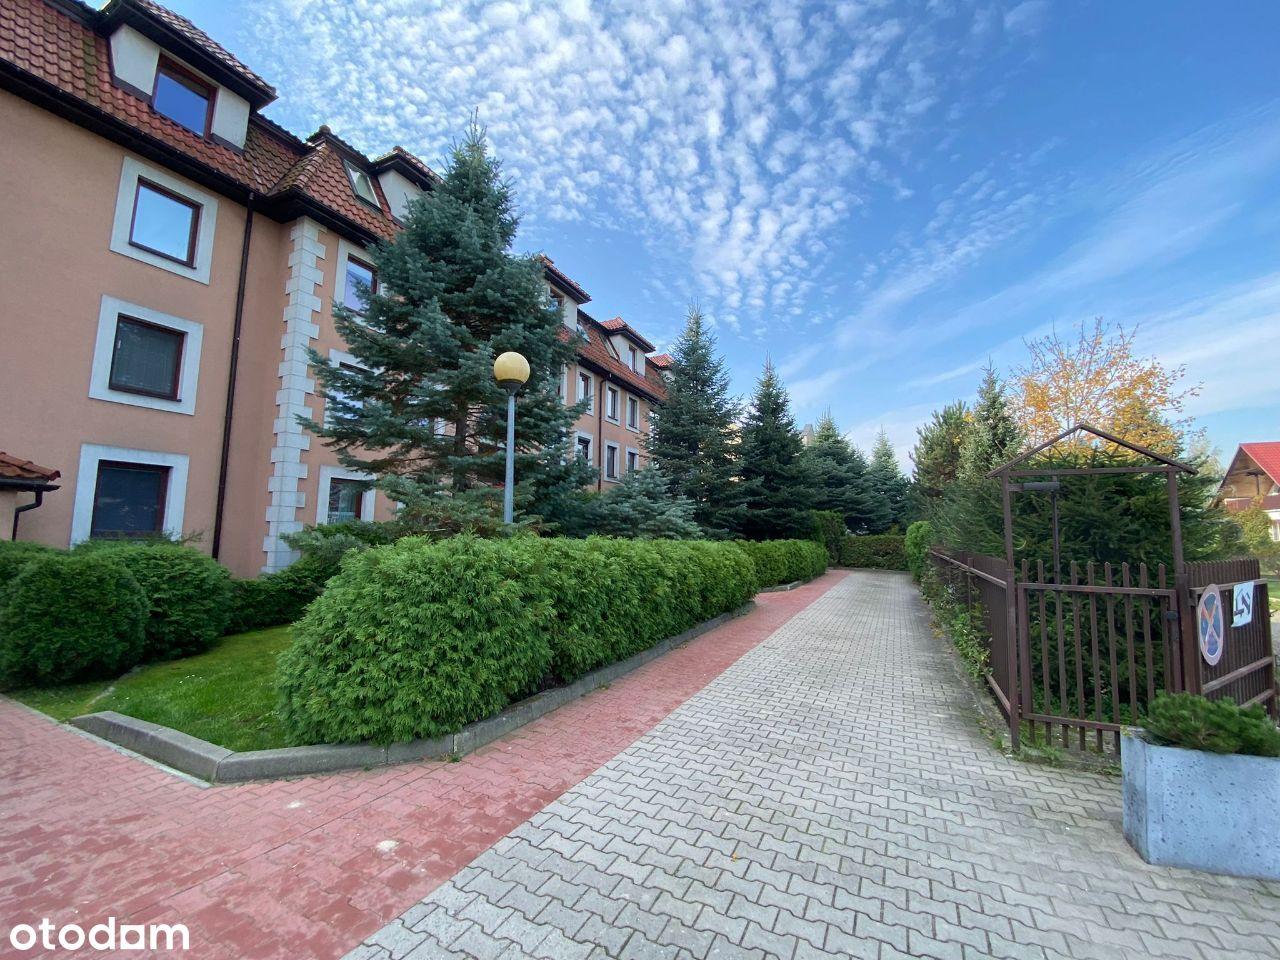 sprzedam mieszkanie 54m2 ul. Kaczorówka